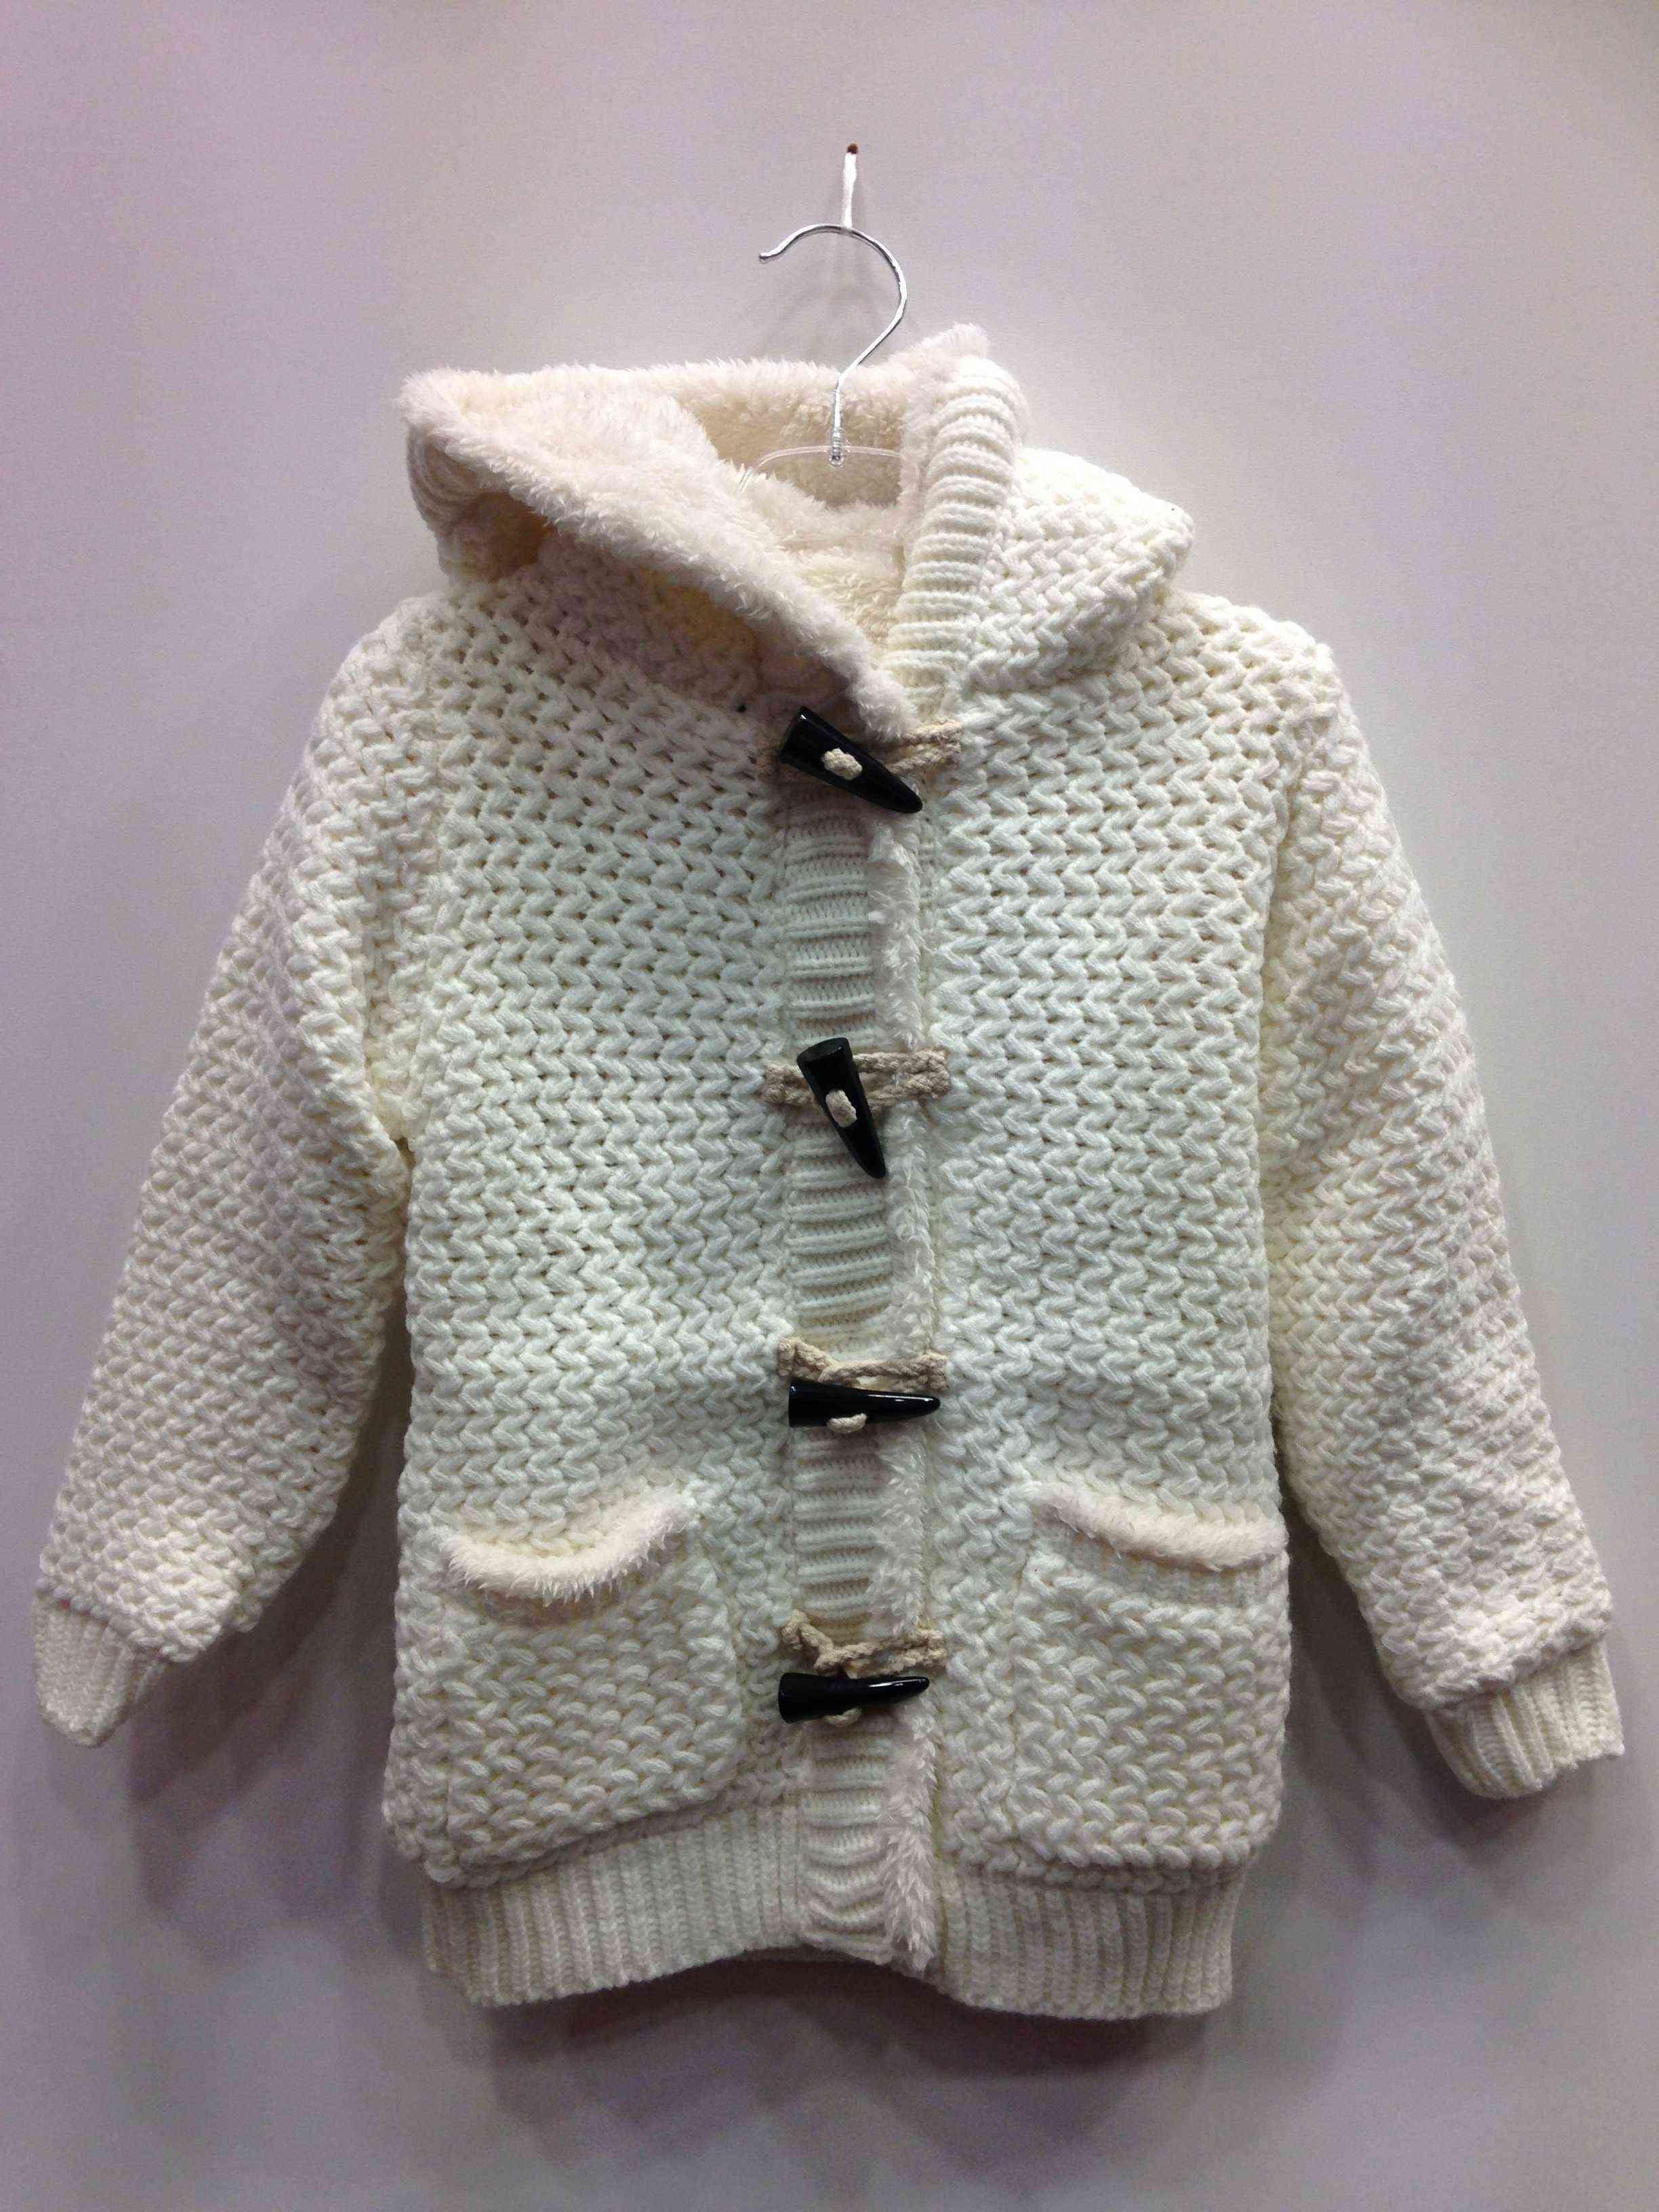 61730034ad8 Ζακέτα για κορίτσι εκρού με εσωτερική γούνα, πλεκτή | Kids Club